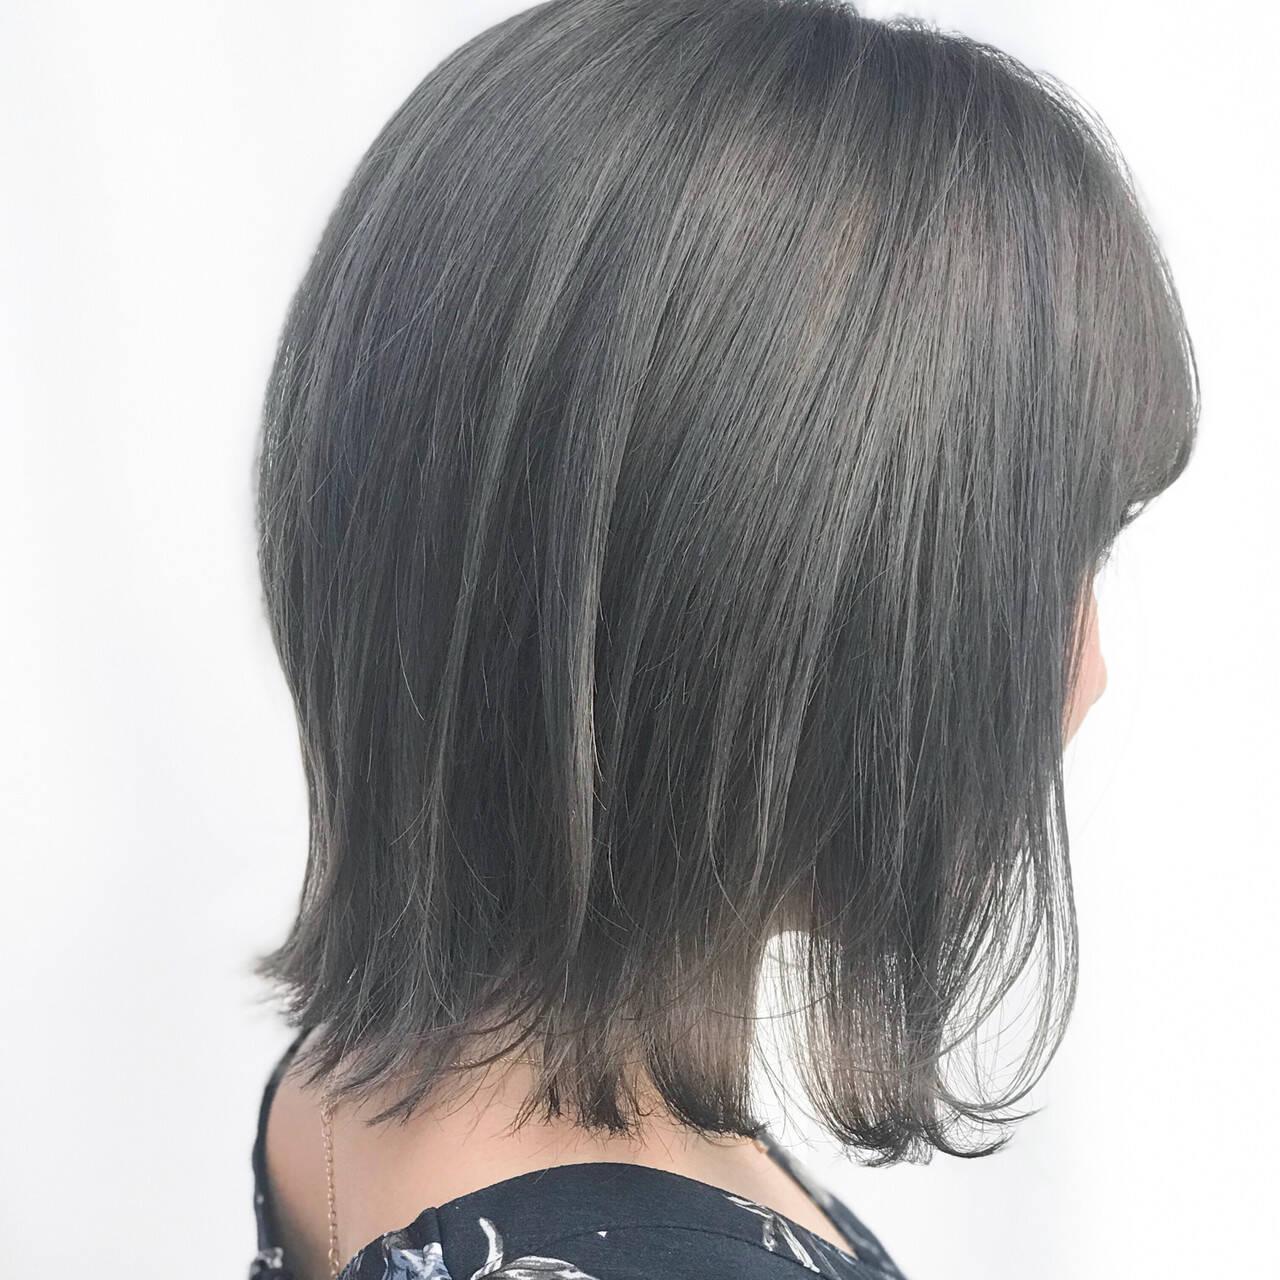 ショートバング ミニボブ モード ボブヘアスタイルや髪型の写真・画像